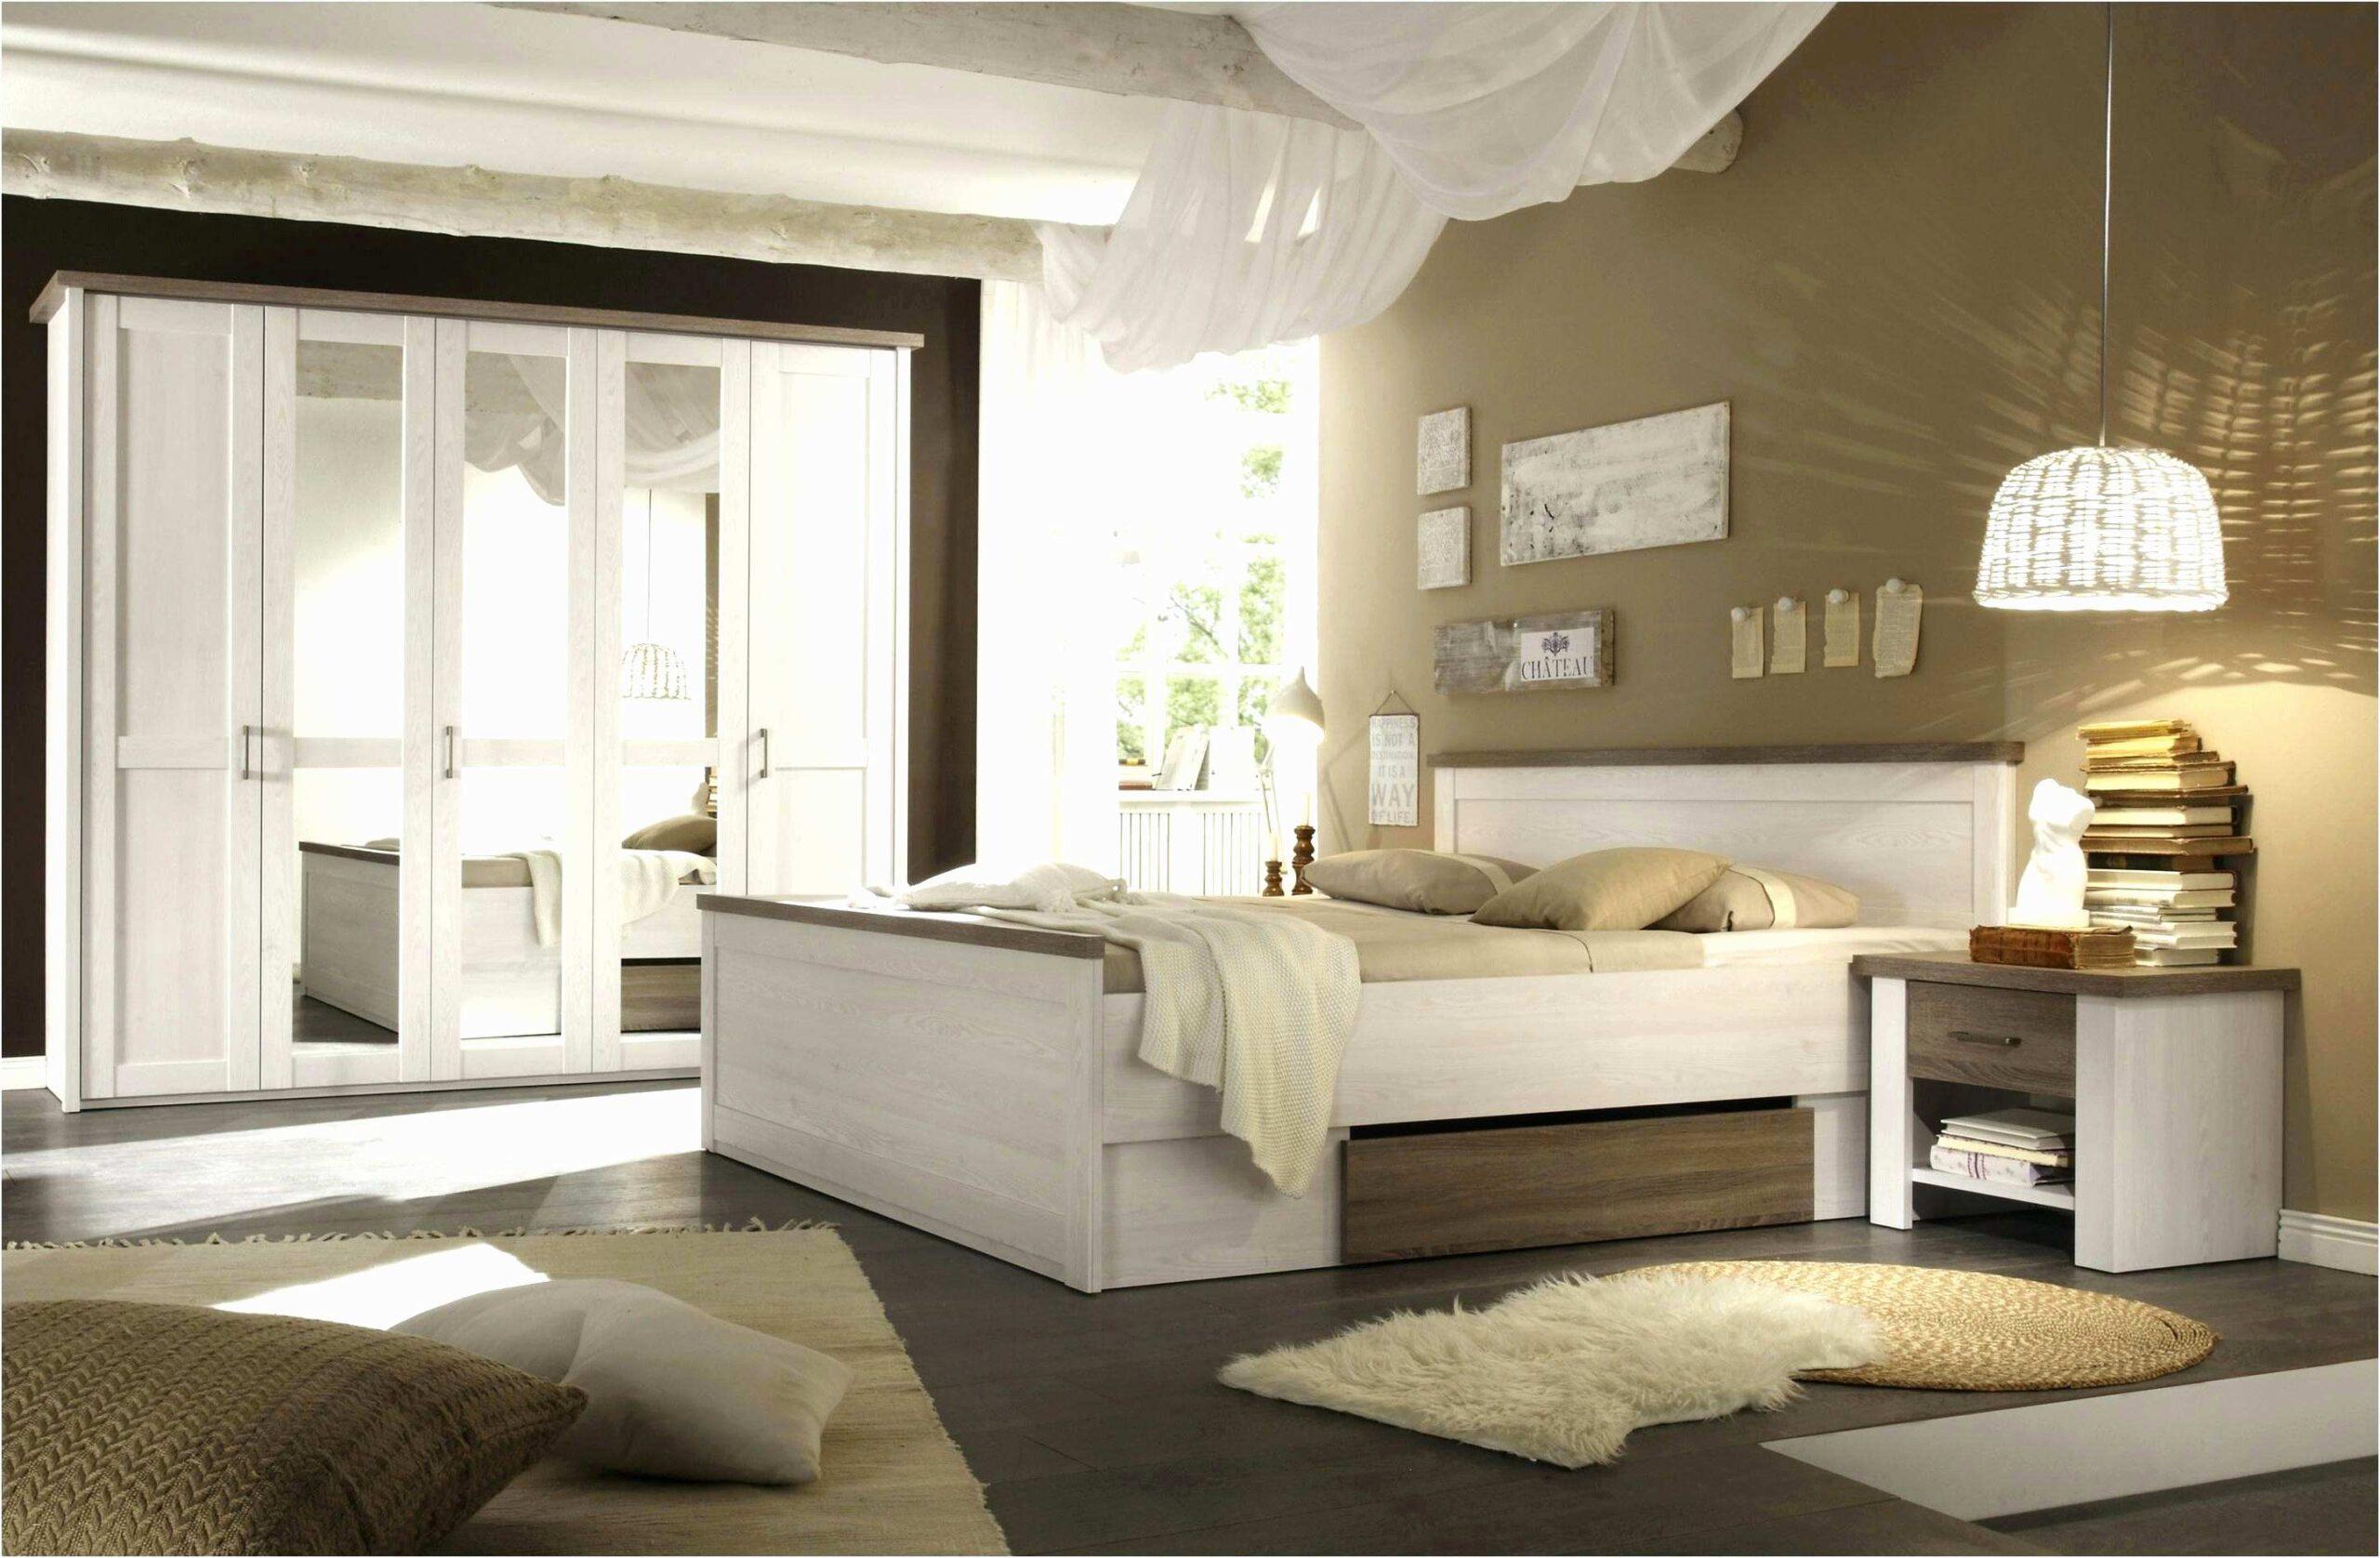 Full Size of Dachgeschosswohnung Einrichten Schlafzimmer Ideen Einzigartig Einrichtung Küche Kleine Badezimmer Wohnzimmer Dachgeschosswohnung Einrichten